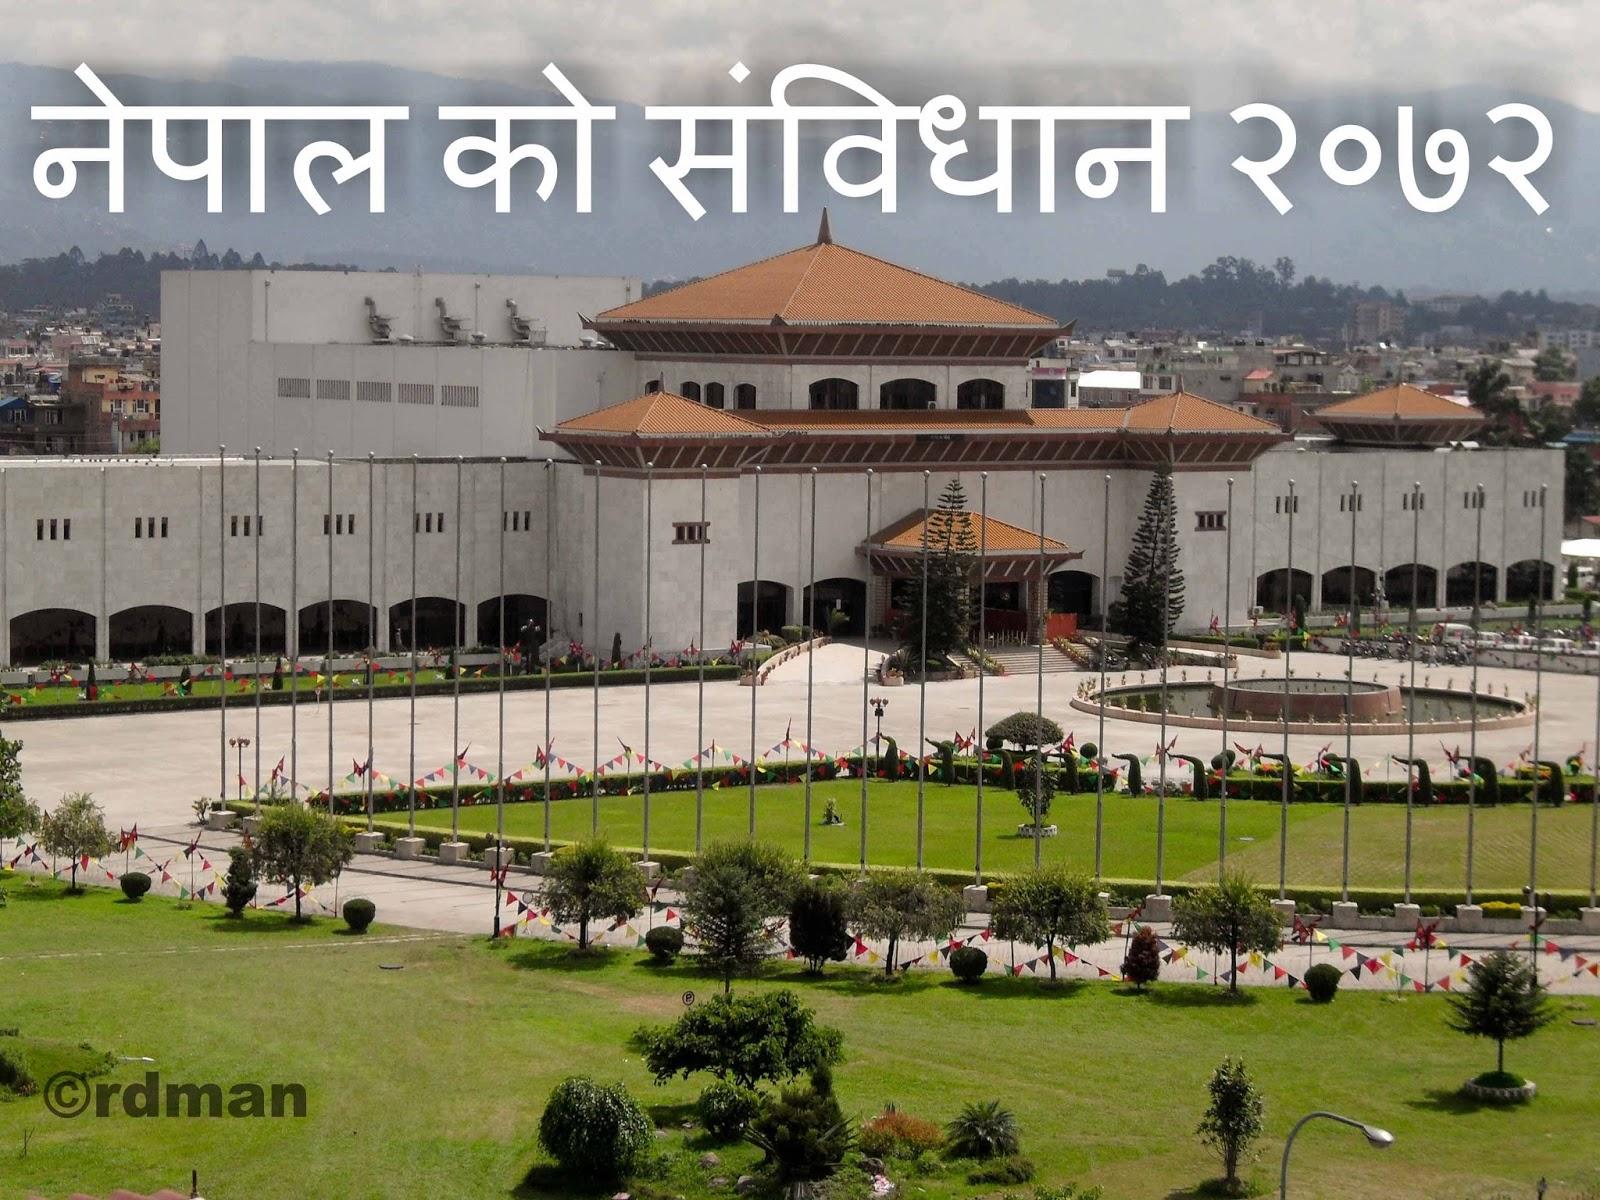 Nepal Ko Sambidhan 2072 In Pdf For